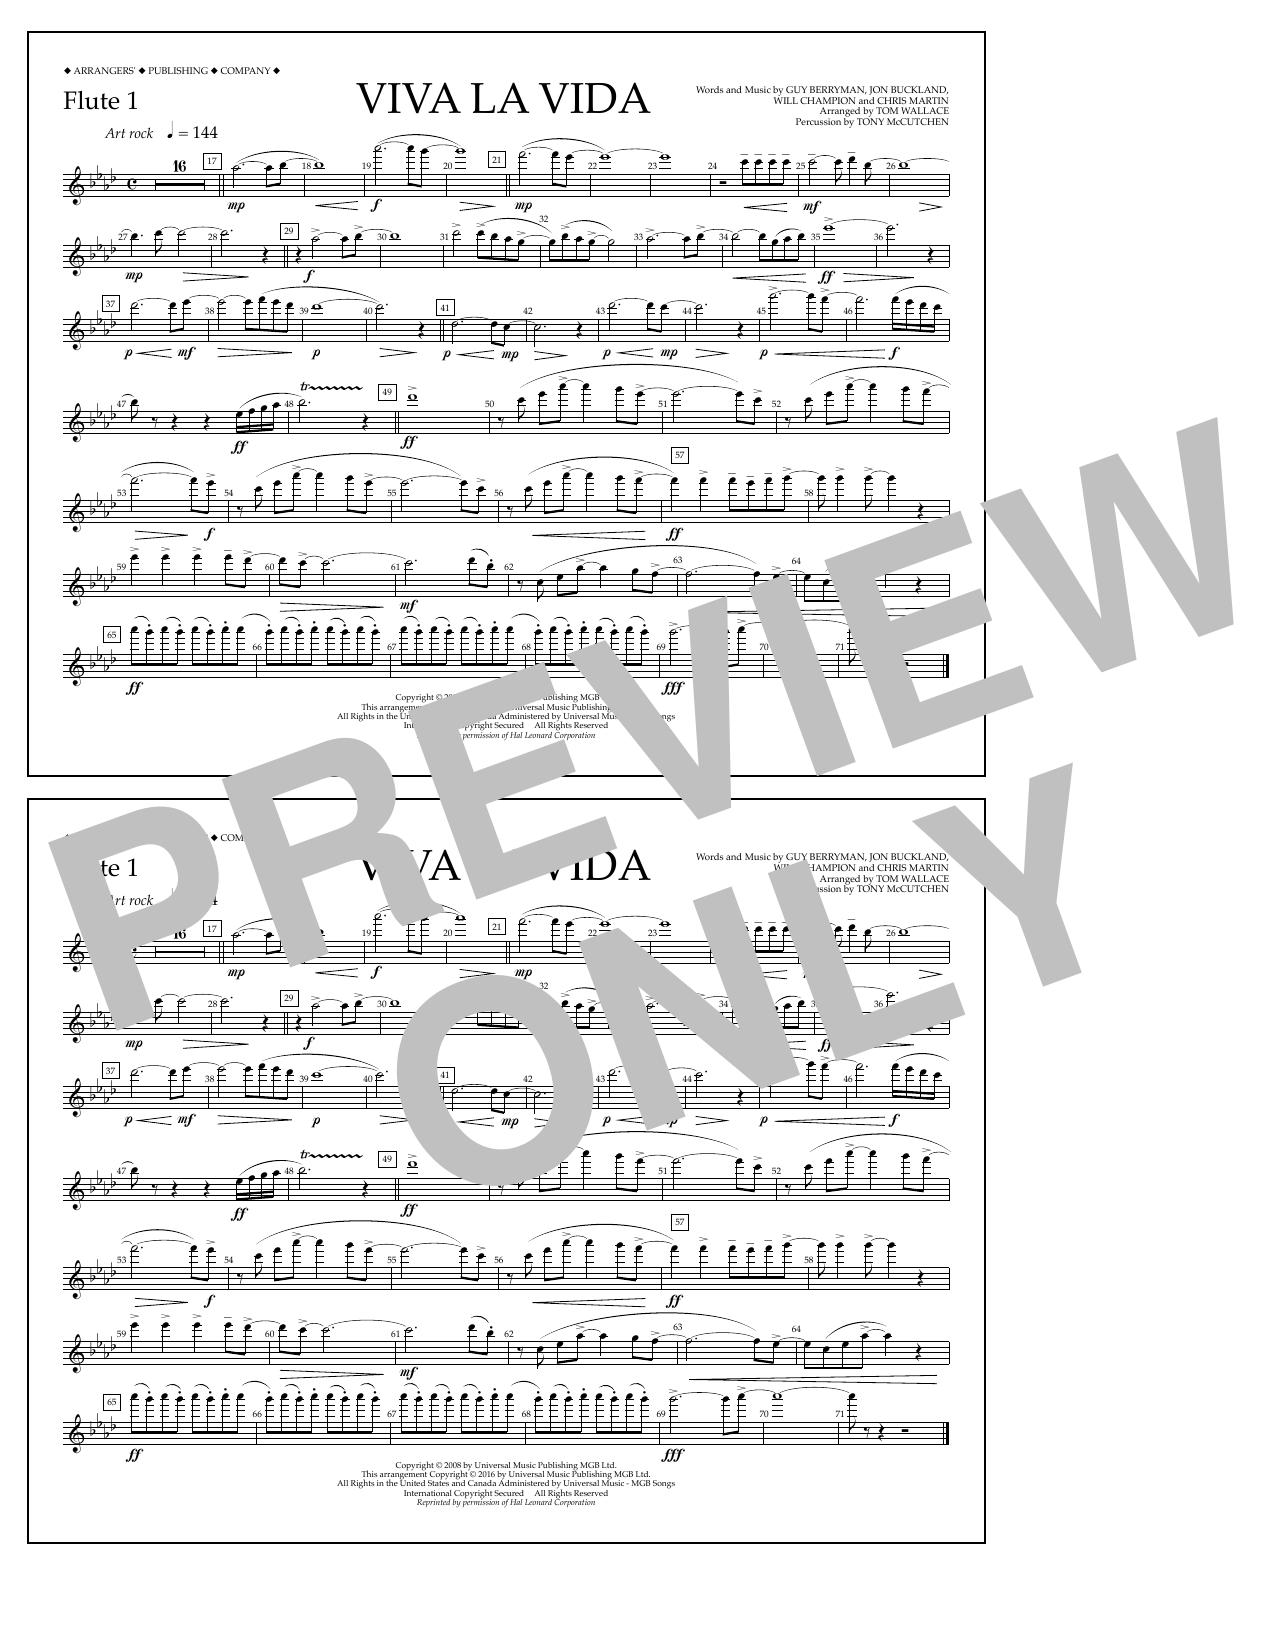 Coldplay - Viva La Vida - Flute 1